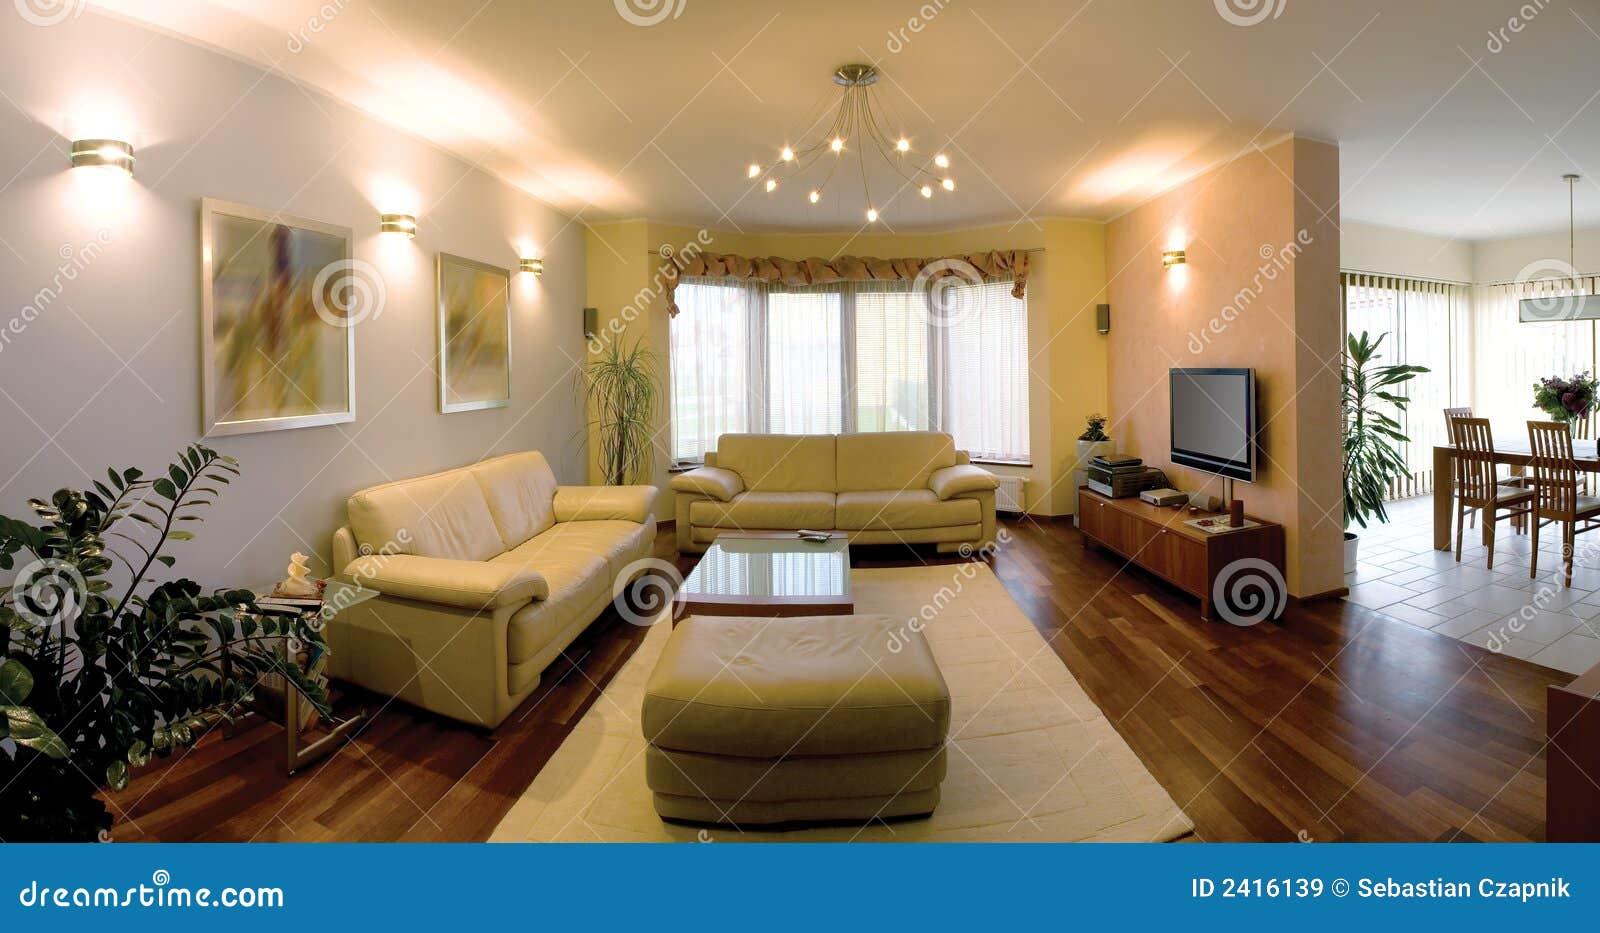 Dco salon moderne : nos meilleures ides - Ct Maison